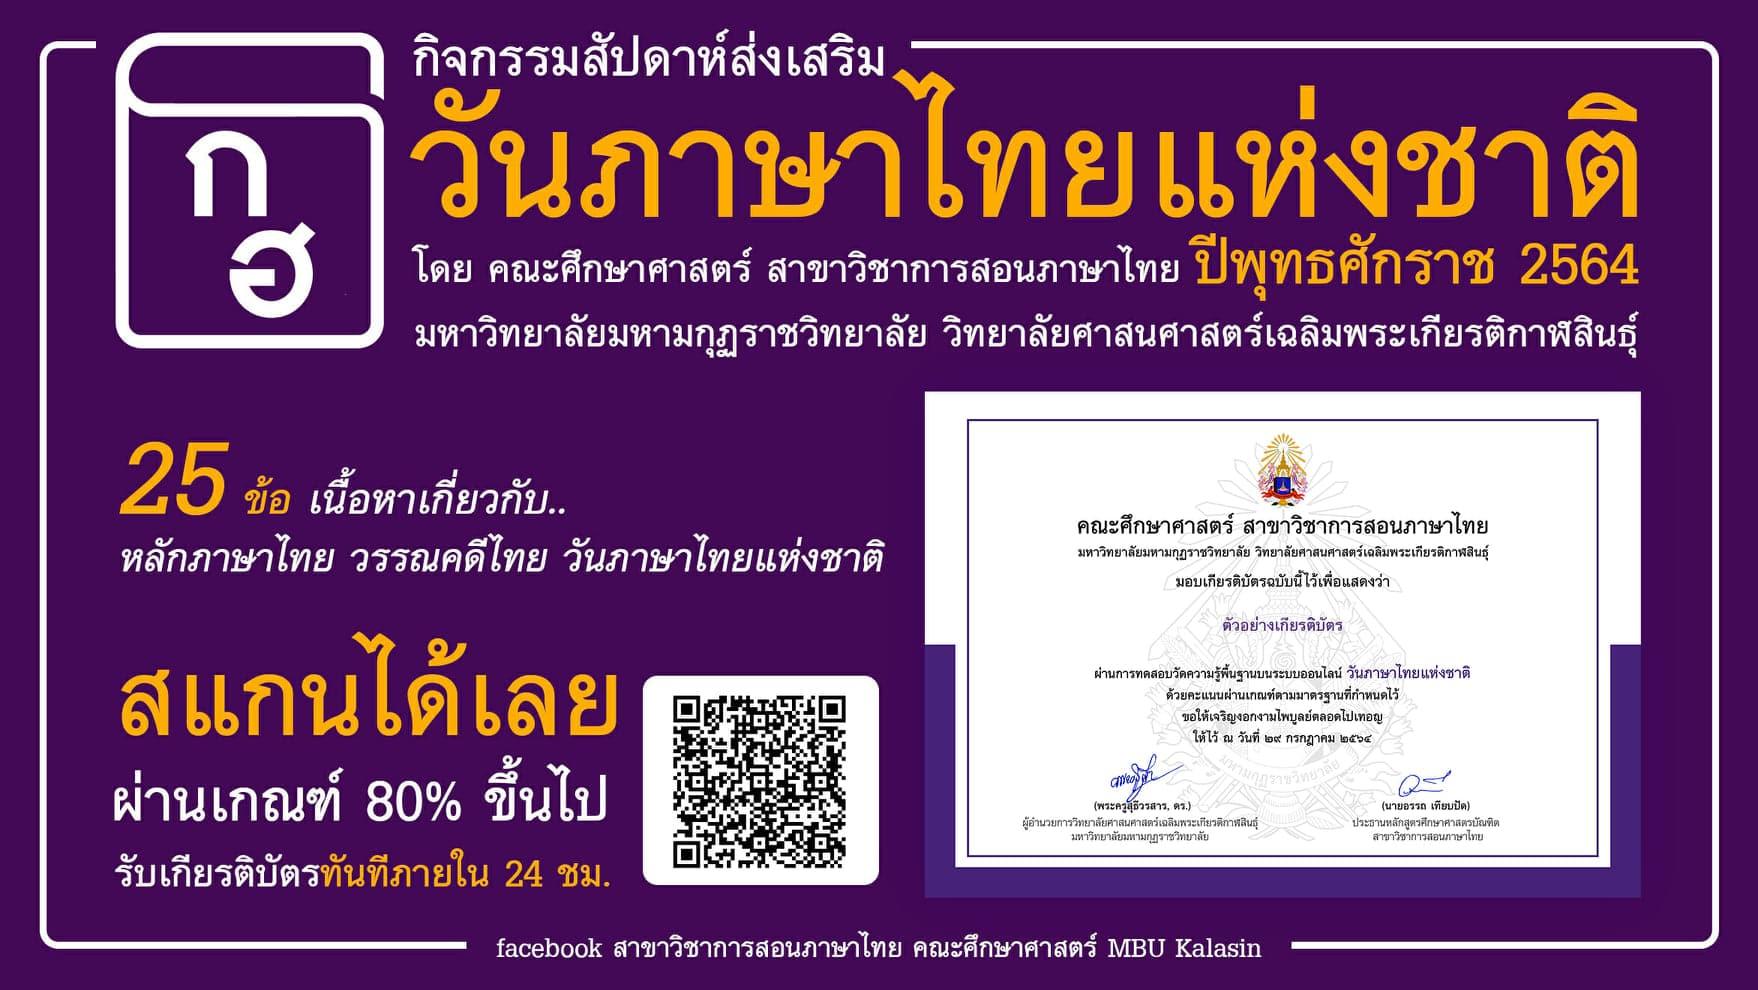 แบบทดสอบออนไลน์ กิจกรรมสัปดาห์ส่งเสริมวันภาษาไทยแห่งชาติ พุทธศักราช 2564 ผ่านเกณฑ์ ดาวน์โหลดเกียรติบัตรในวันถัดไป โดยที่ สาขาวิชาการสอนภาษาไทย คณะศึกษาศาสตร์ MBU Kalasin